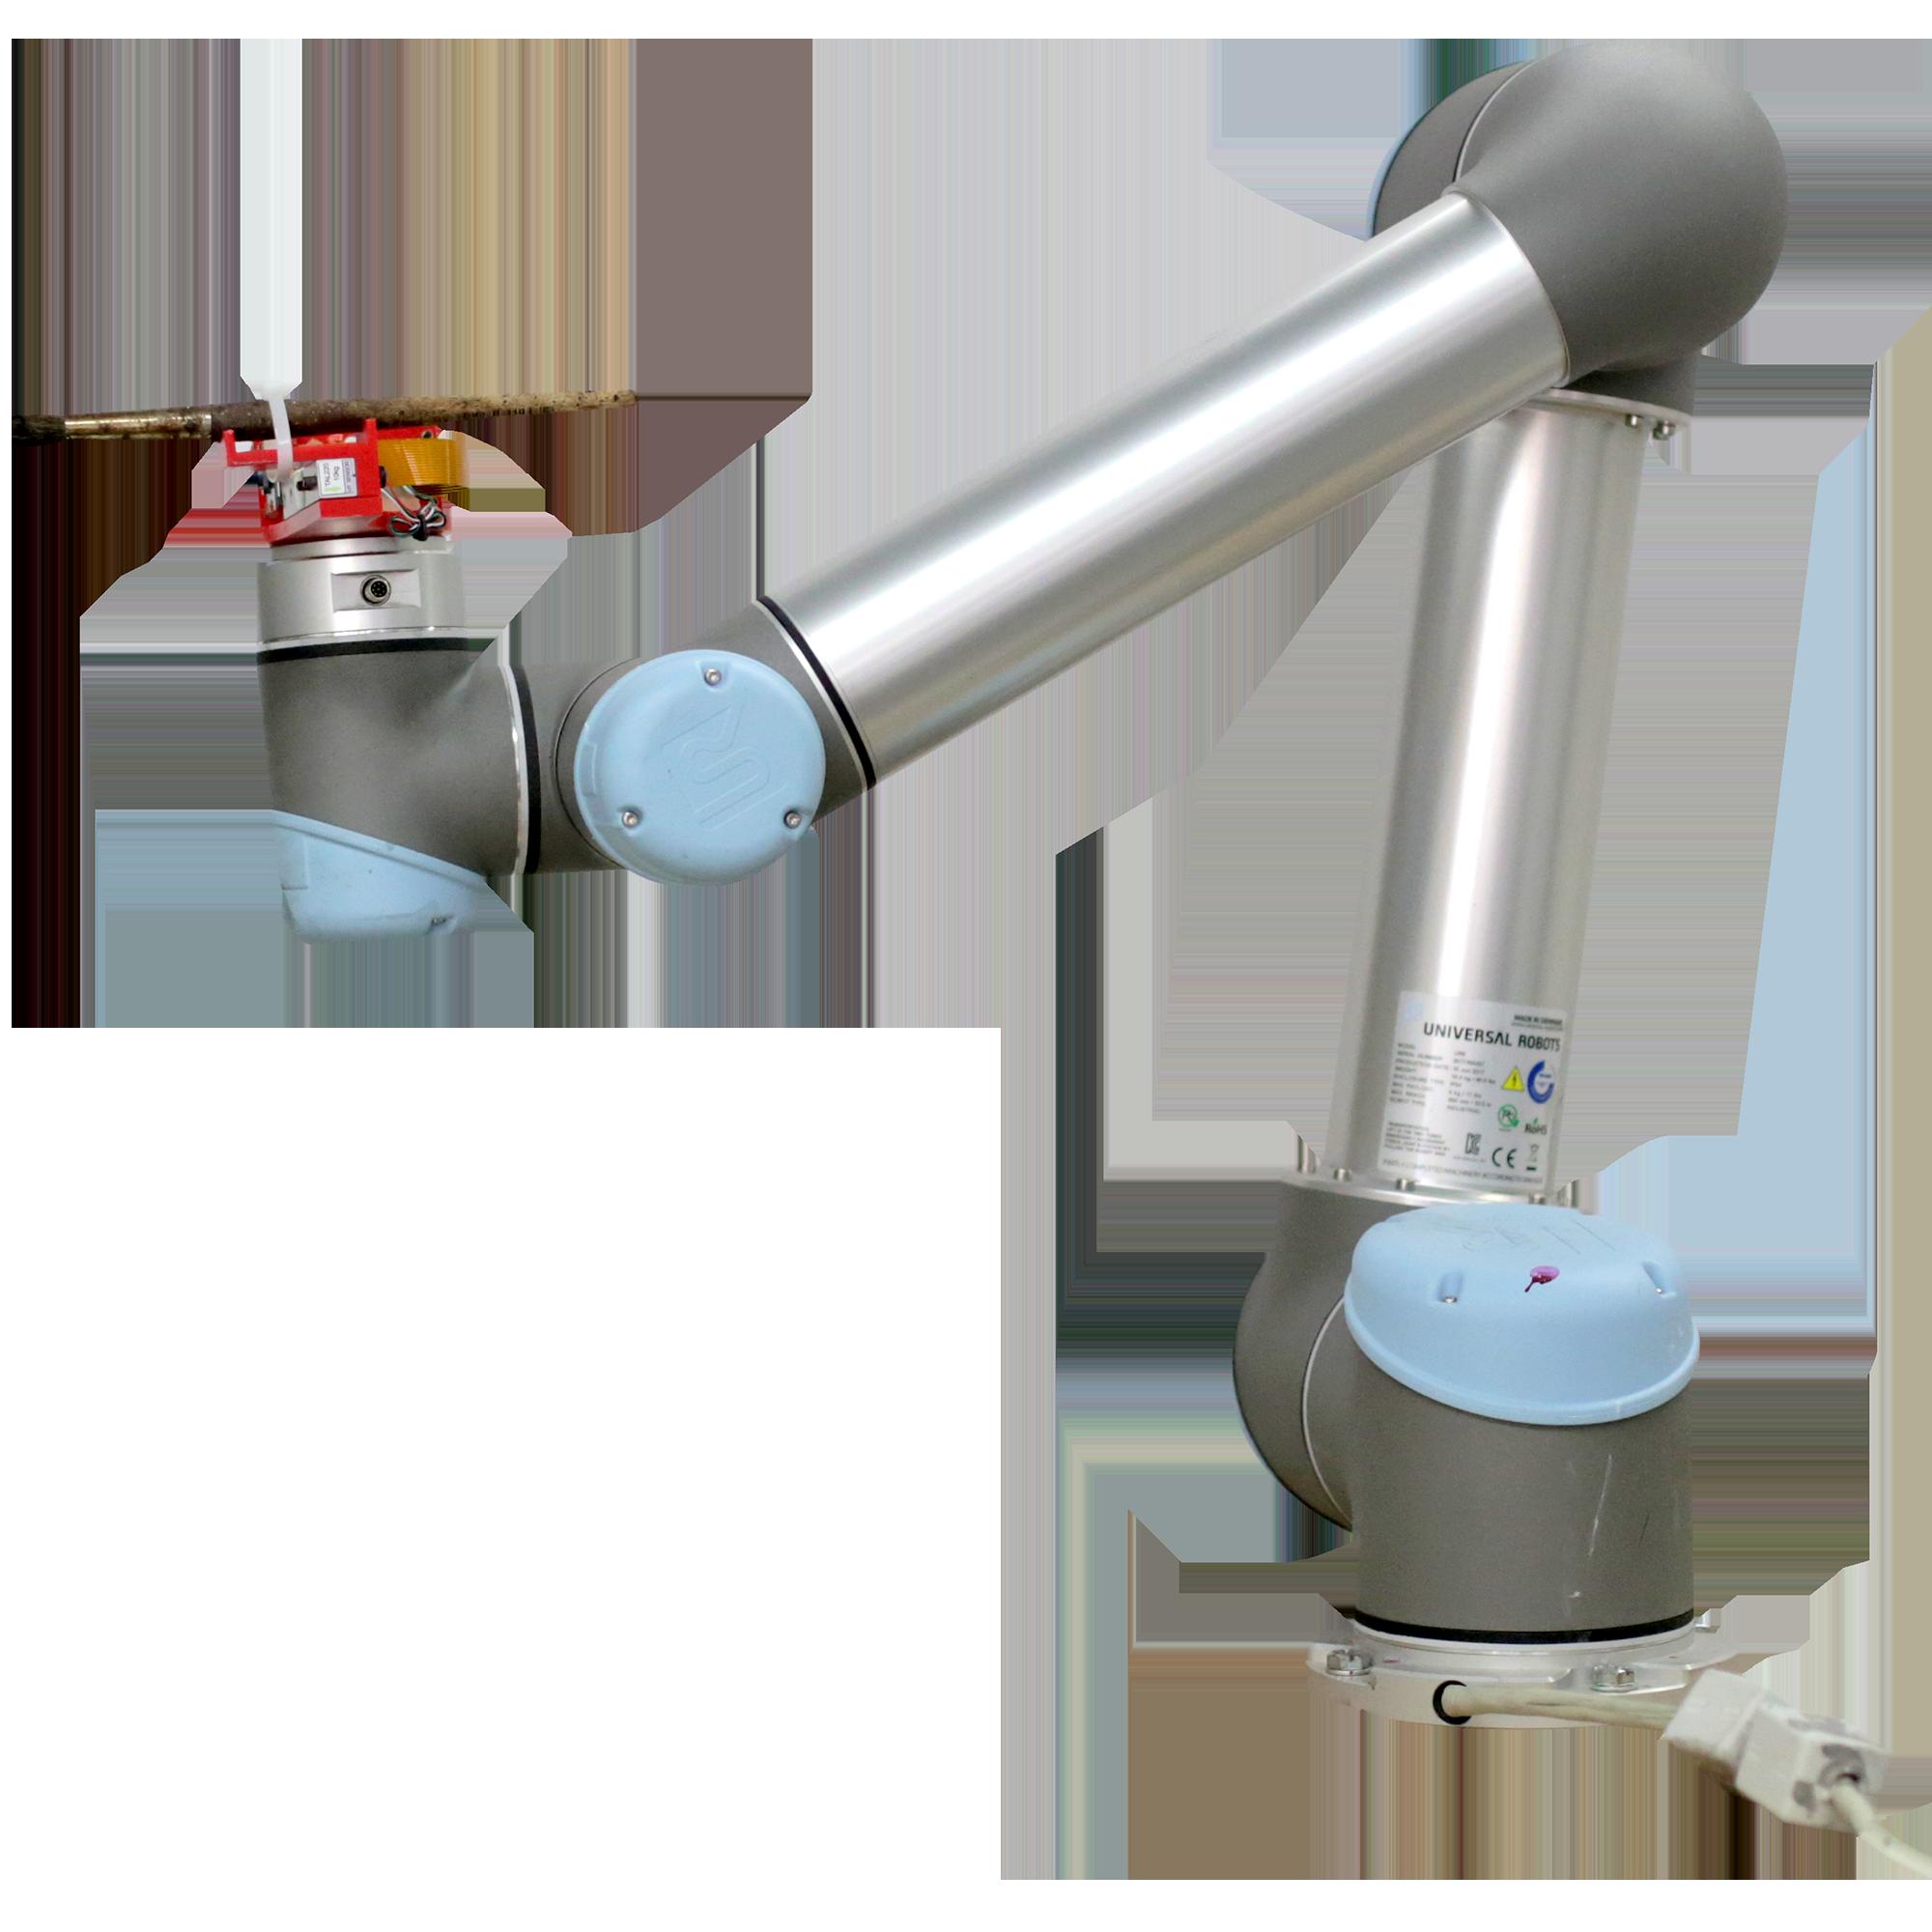 Revolutionizing art through robotics